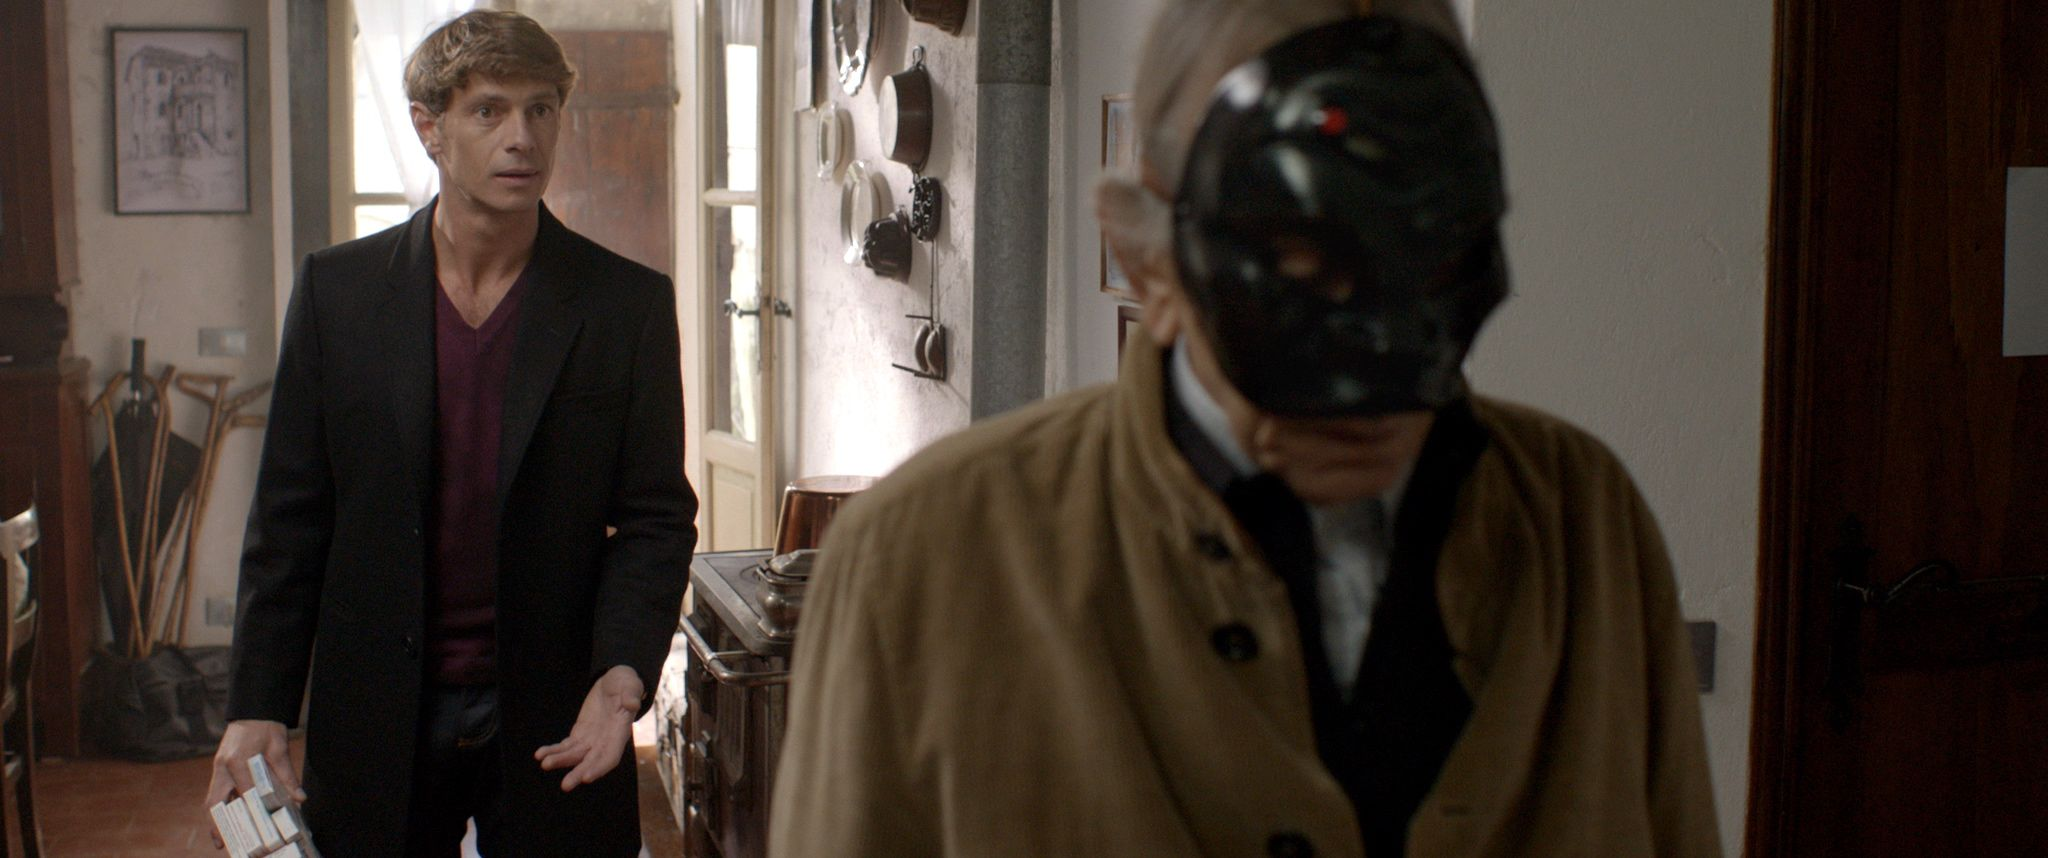 Io, Arlecchino: Giorgio Pasotti con Roberto Herlitzka in un momento del film